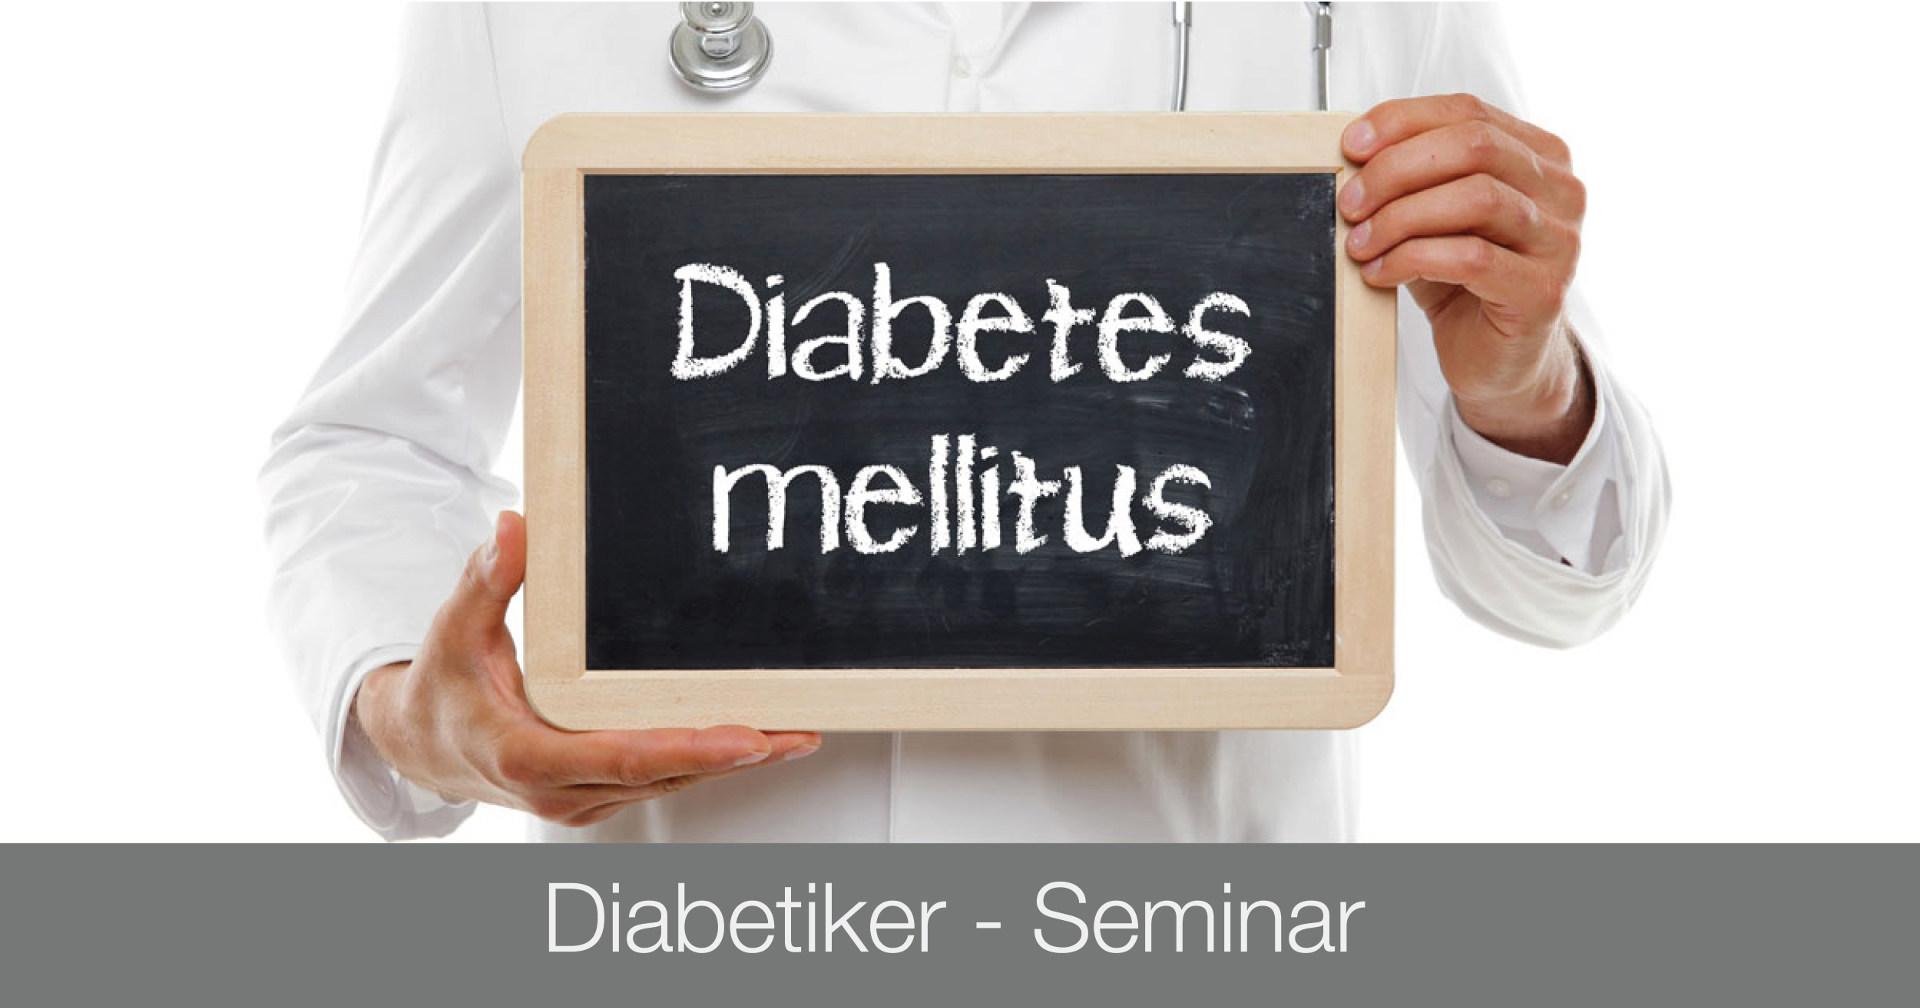 Ausbildung Fußpflege - Diabetes mellitus - Kosmetikschule Schäfer